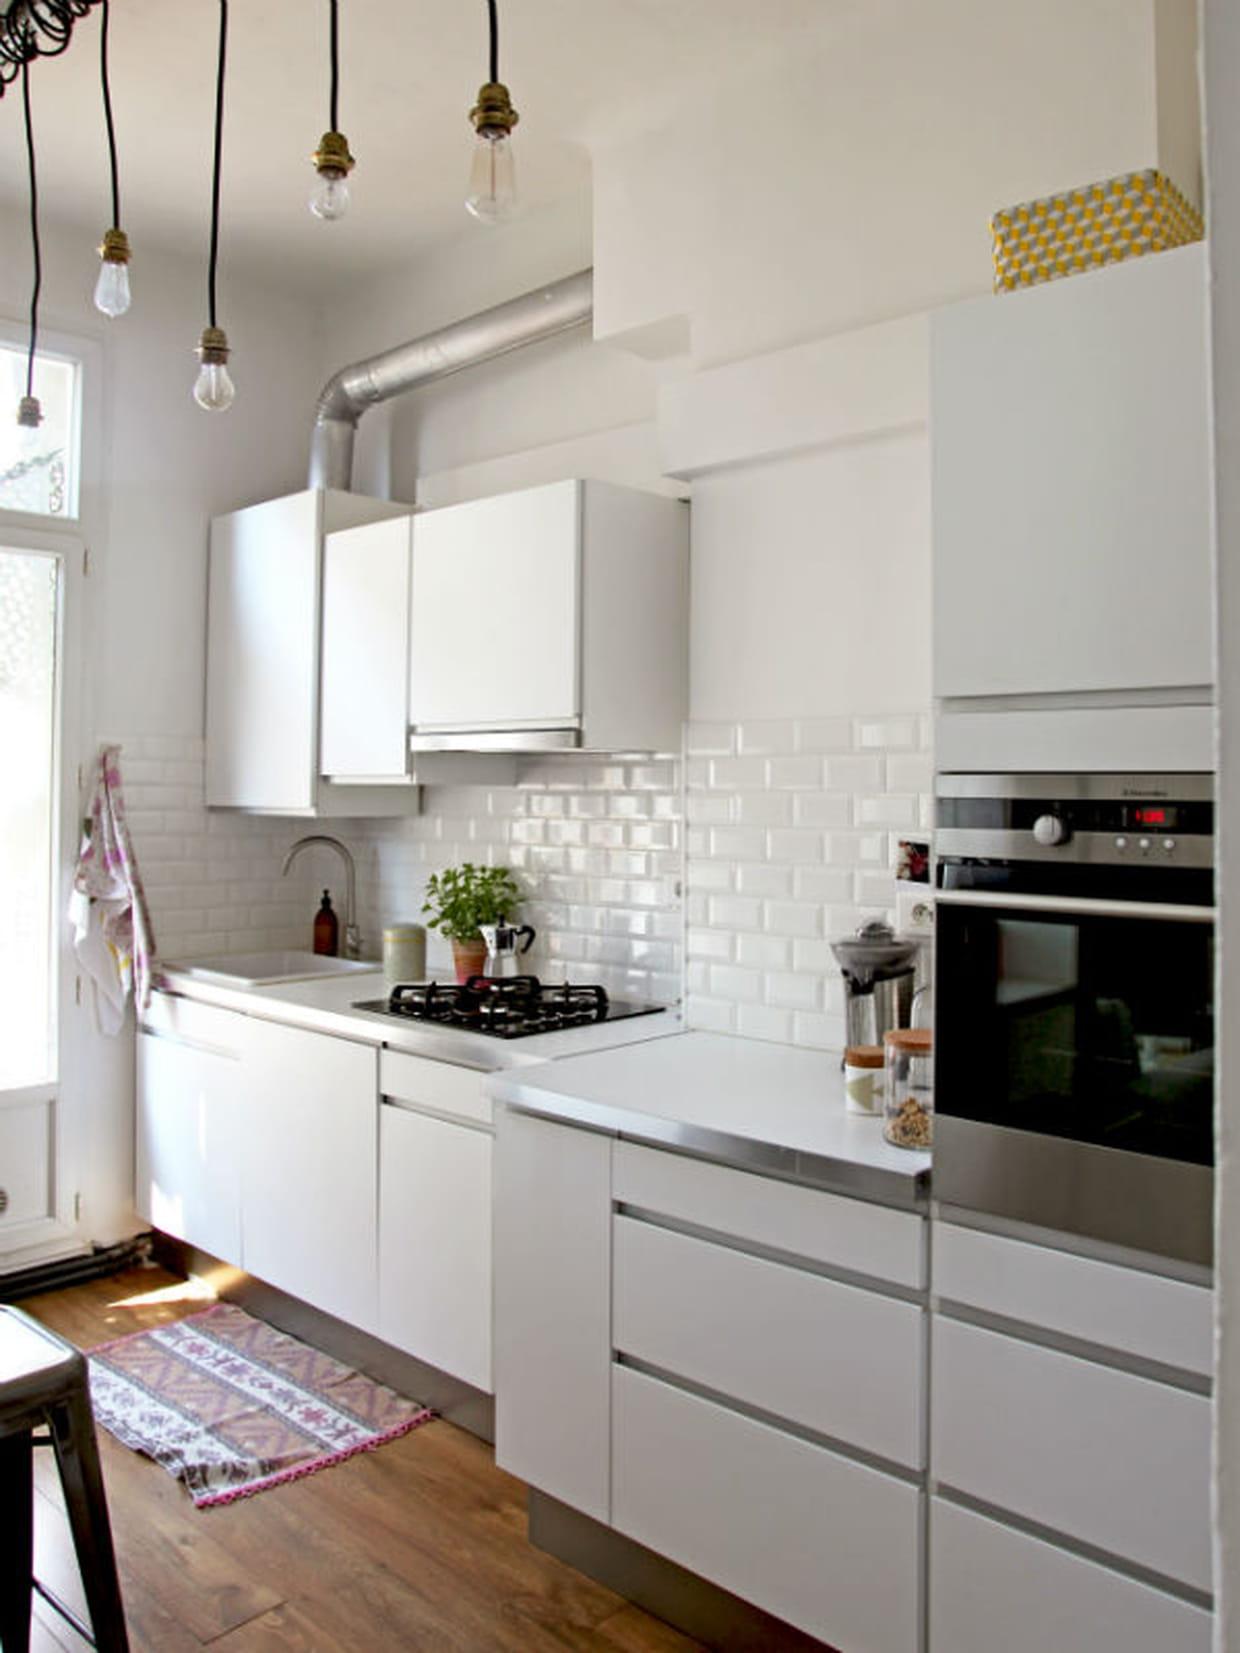 Des meubles classiques pour une cuisine originale - Ilot central cuisine leroy merlin ...